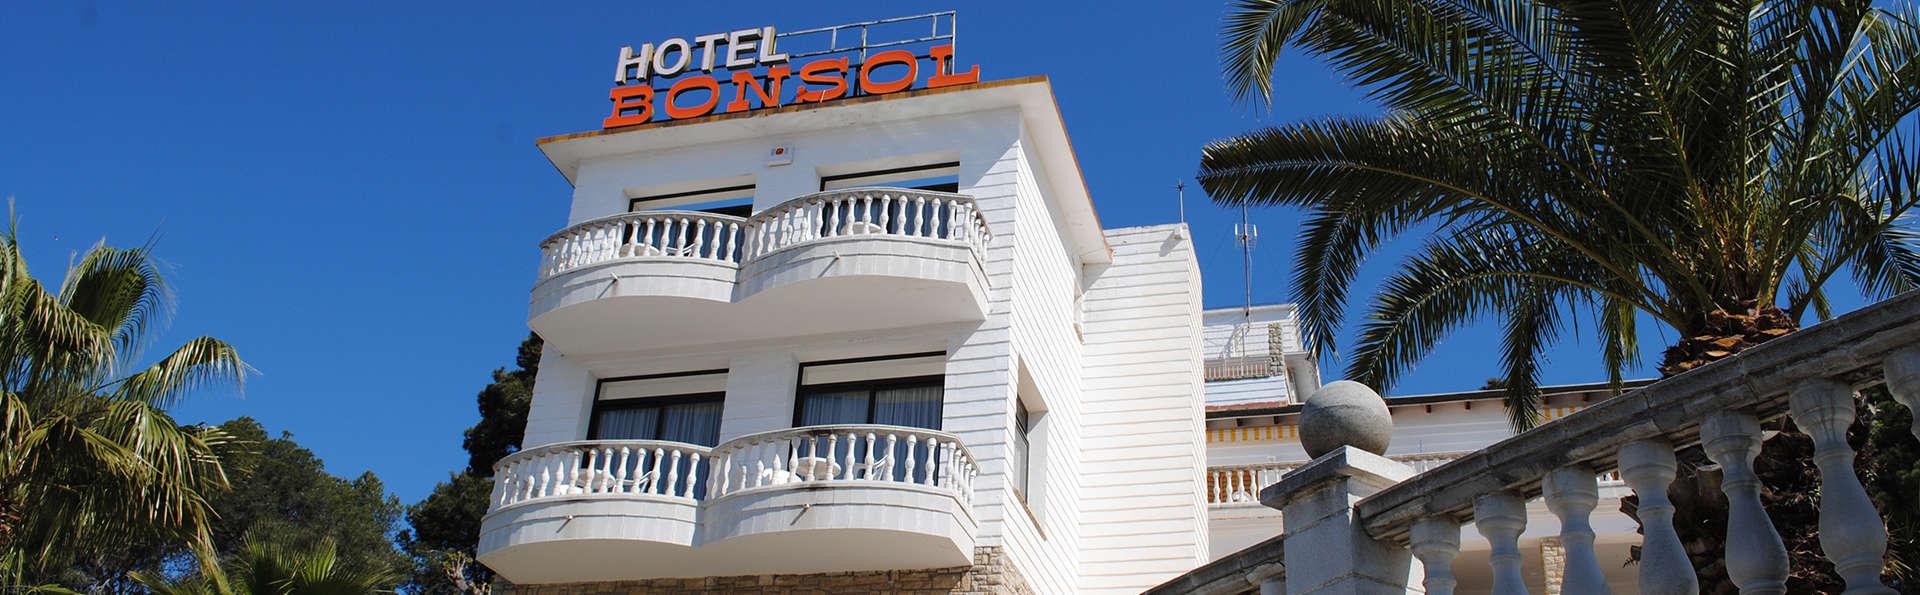 Séjour sous le soleil de Lloret de Mar avec cocktail de bienvenue et chambre avec petite terrasse